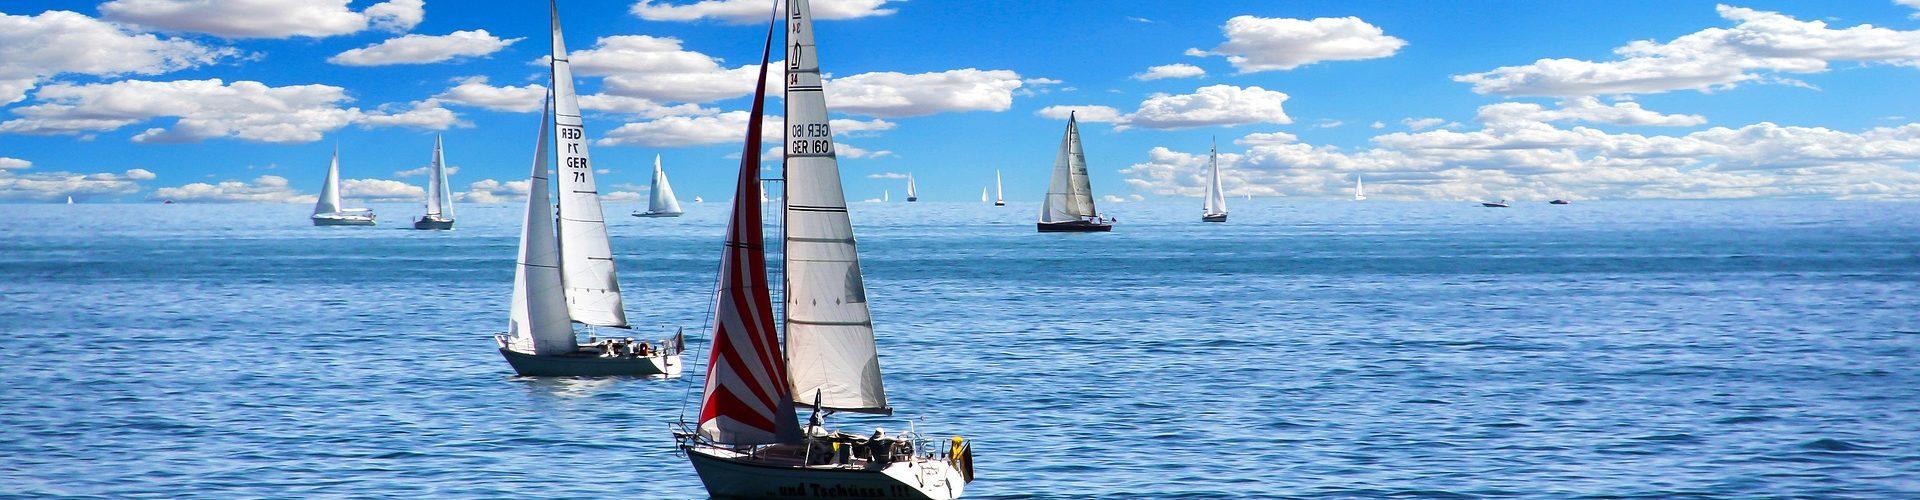 segeln lernen in Dagebüll segelschein machen in Dagebüll 1920x500 - Segeln lernen in Dagebüll